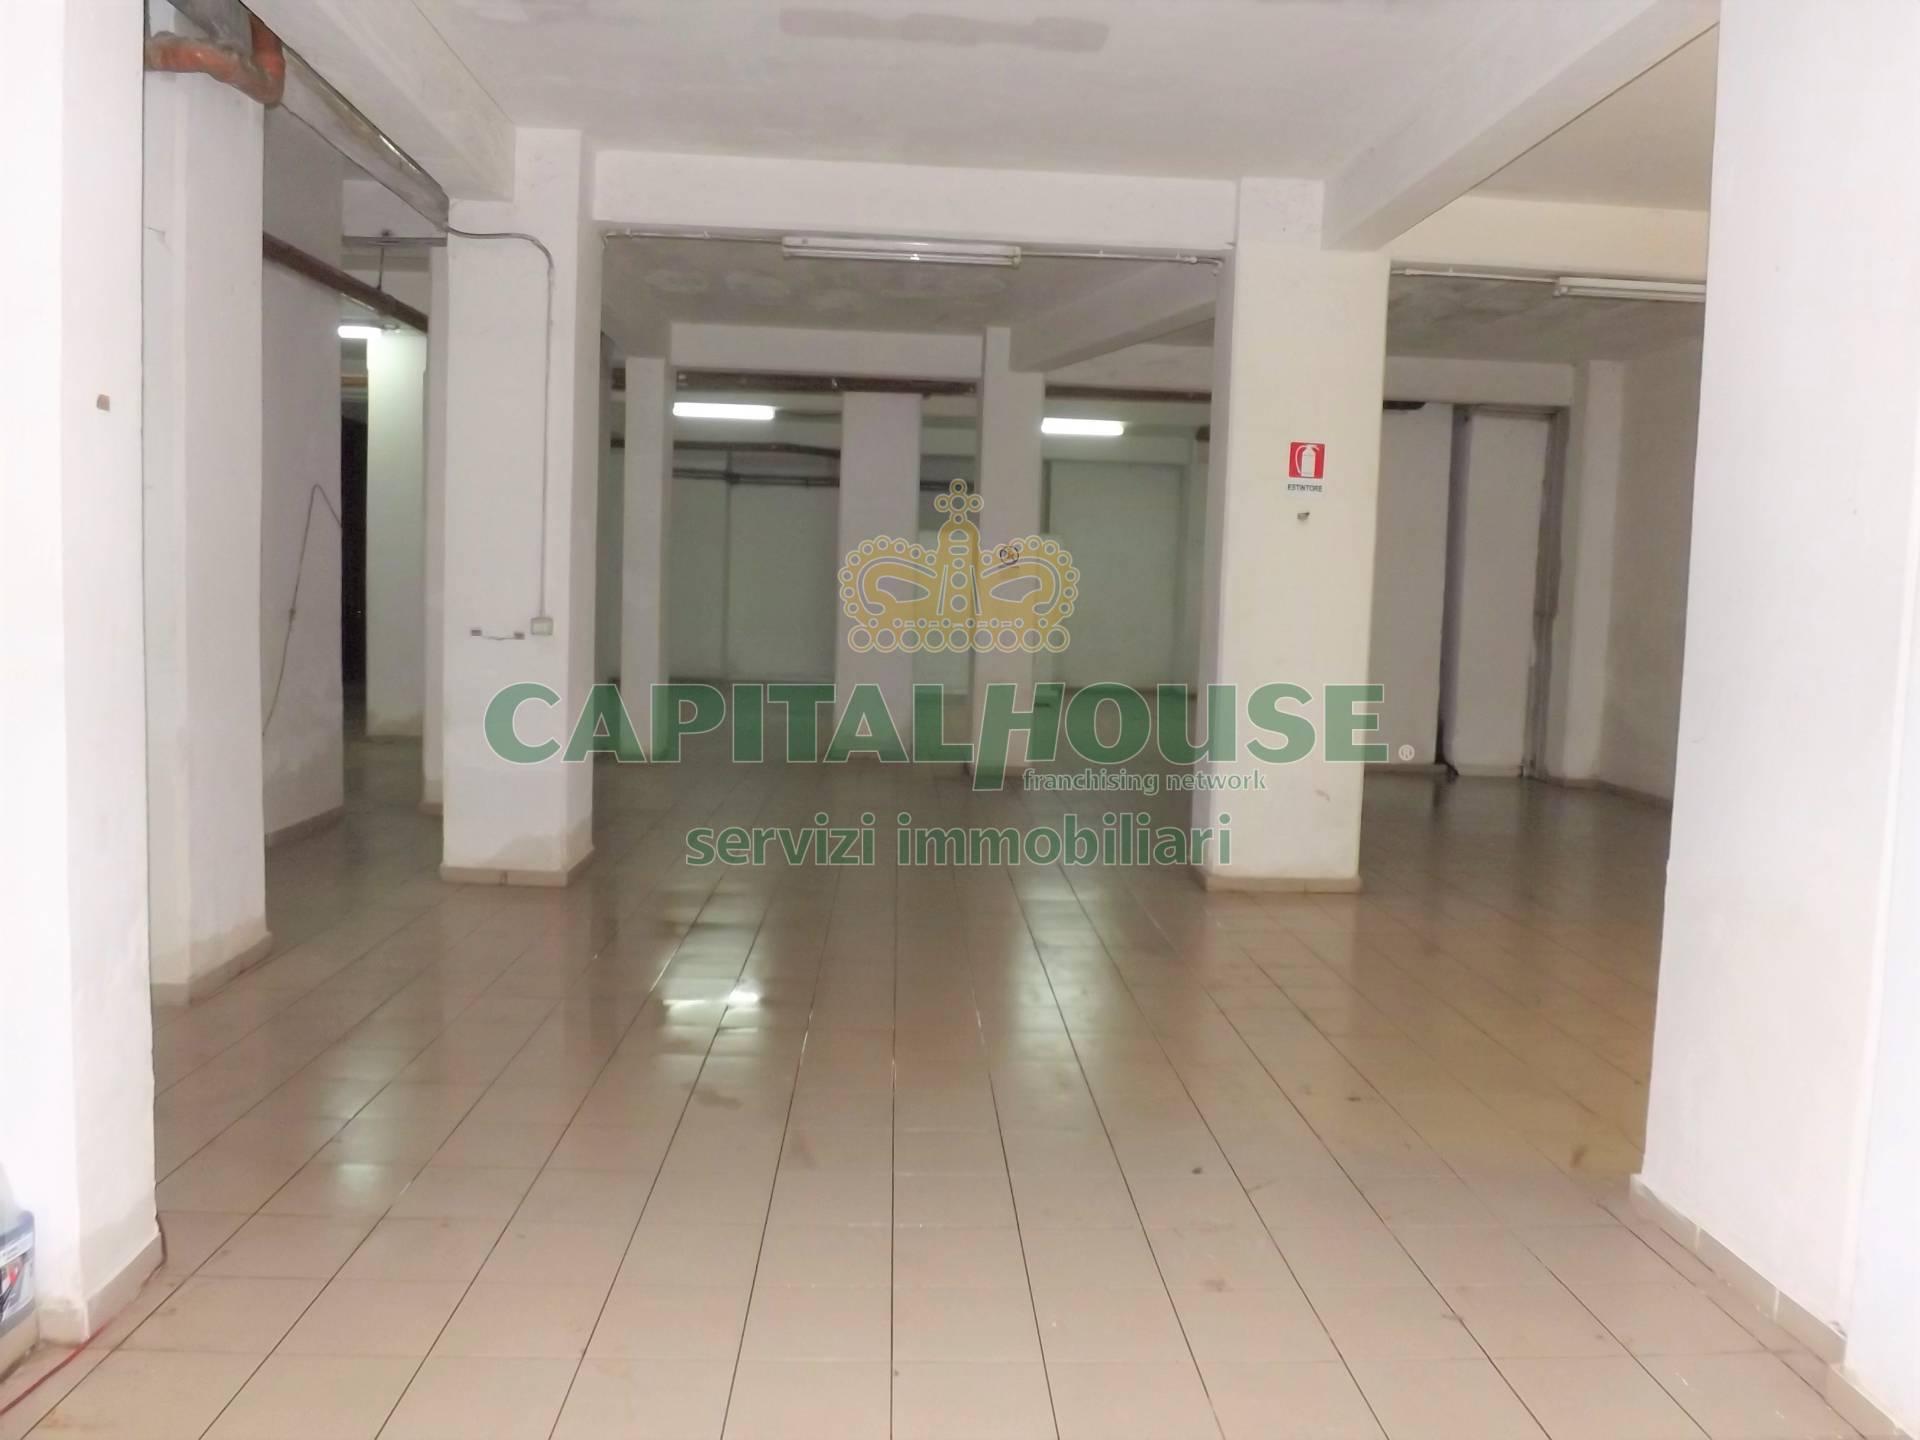 Magazzino in vendita a Manocalzati, 2 locali, prezzo € 47.000 | CambioCasa.it